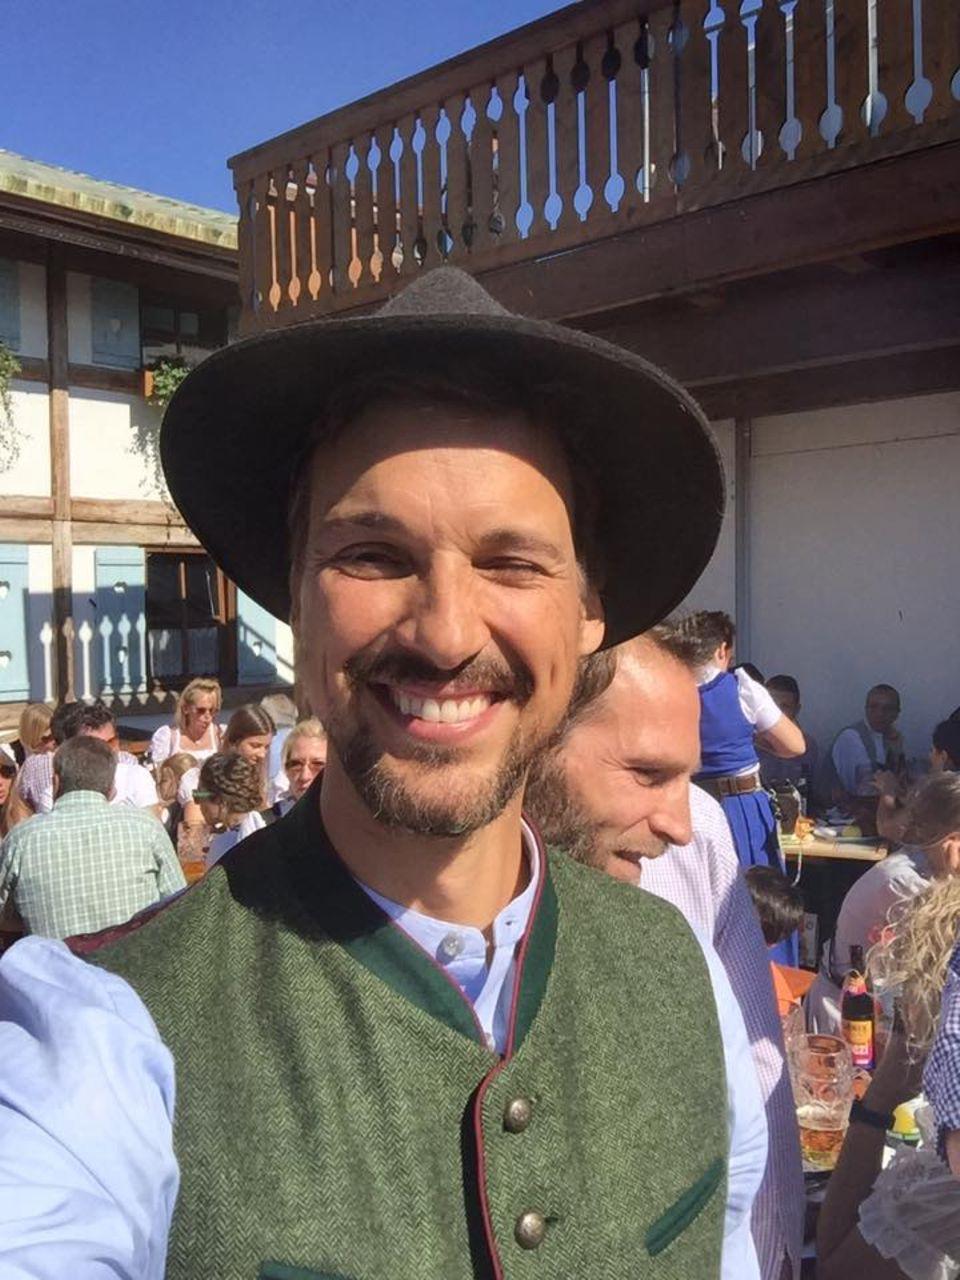 Florian David Fitz auf der Wiesn: Der smarte Schauspieler lässt sich das Oktoberfest samt Tracht nicht entgehen.